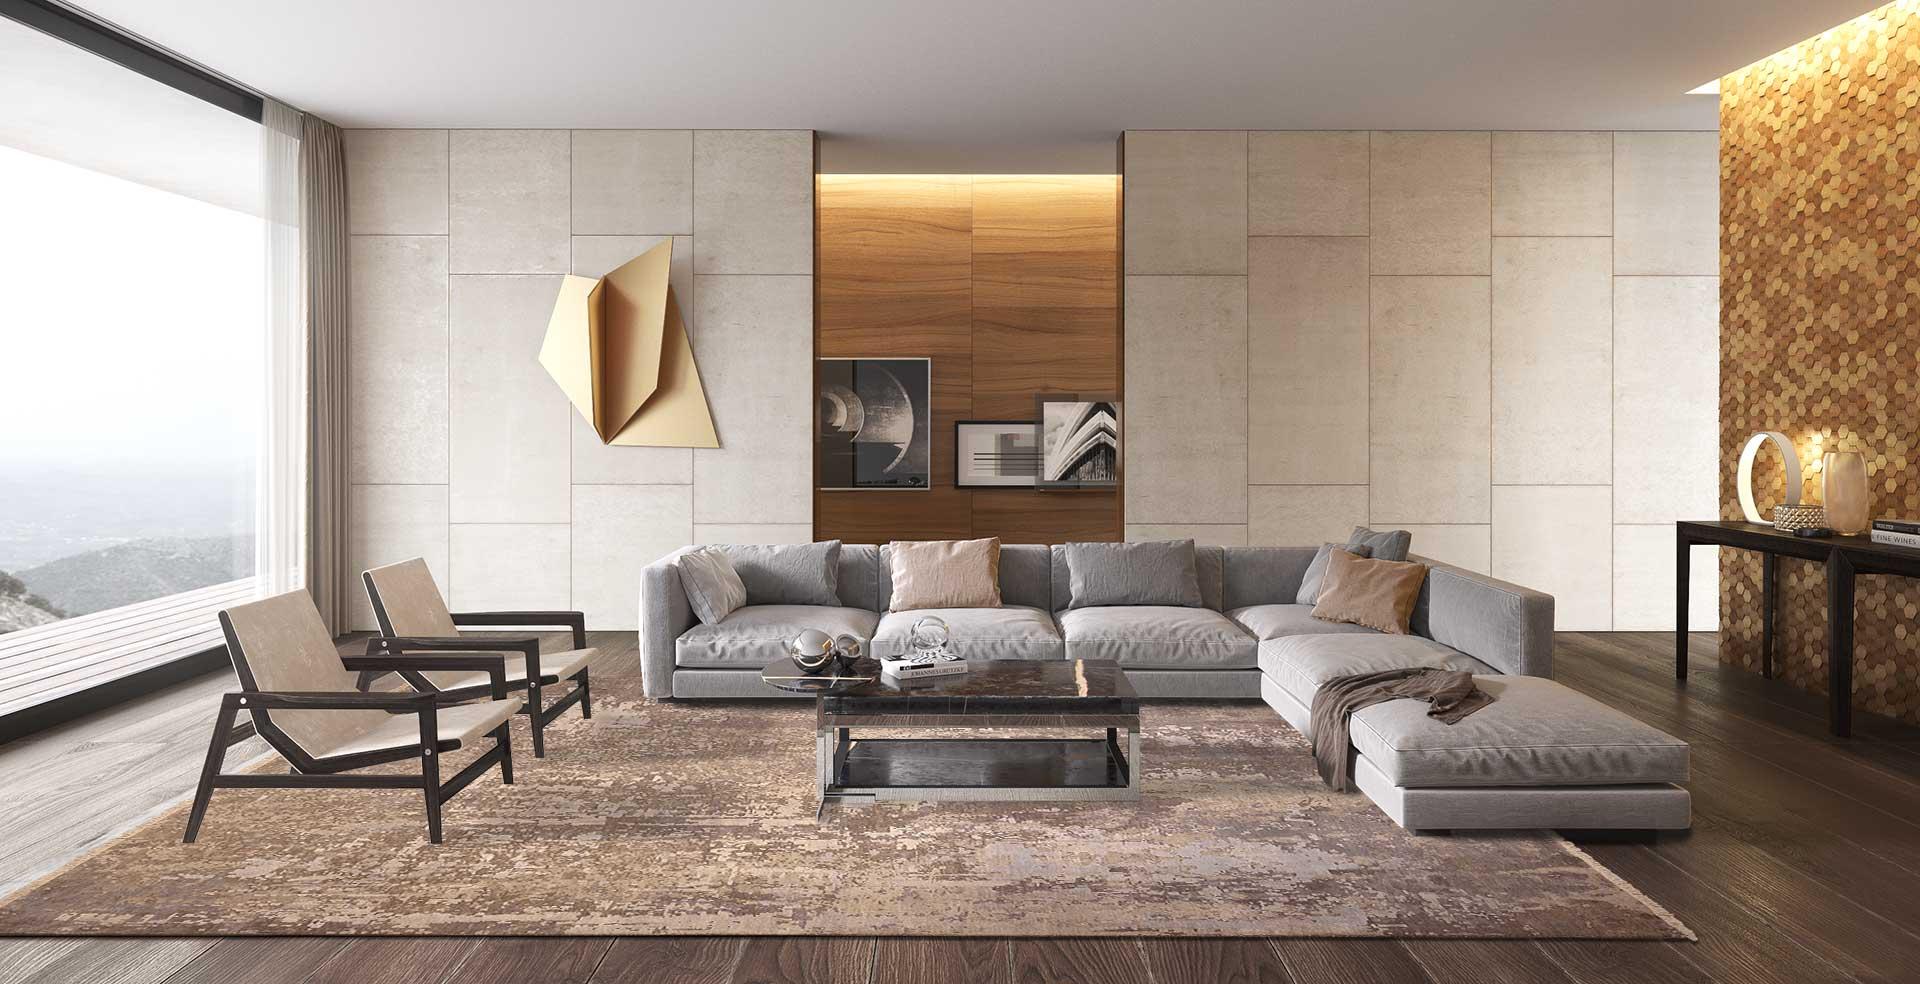 avant-garde-twilight-luxe-design-moderne-exclusieve-design-tapijten-zijde-grijs-lichtblauw-turquoise-creme-beige-297x241-koreman-maastricht-03390-interieur-een.png